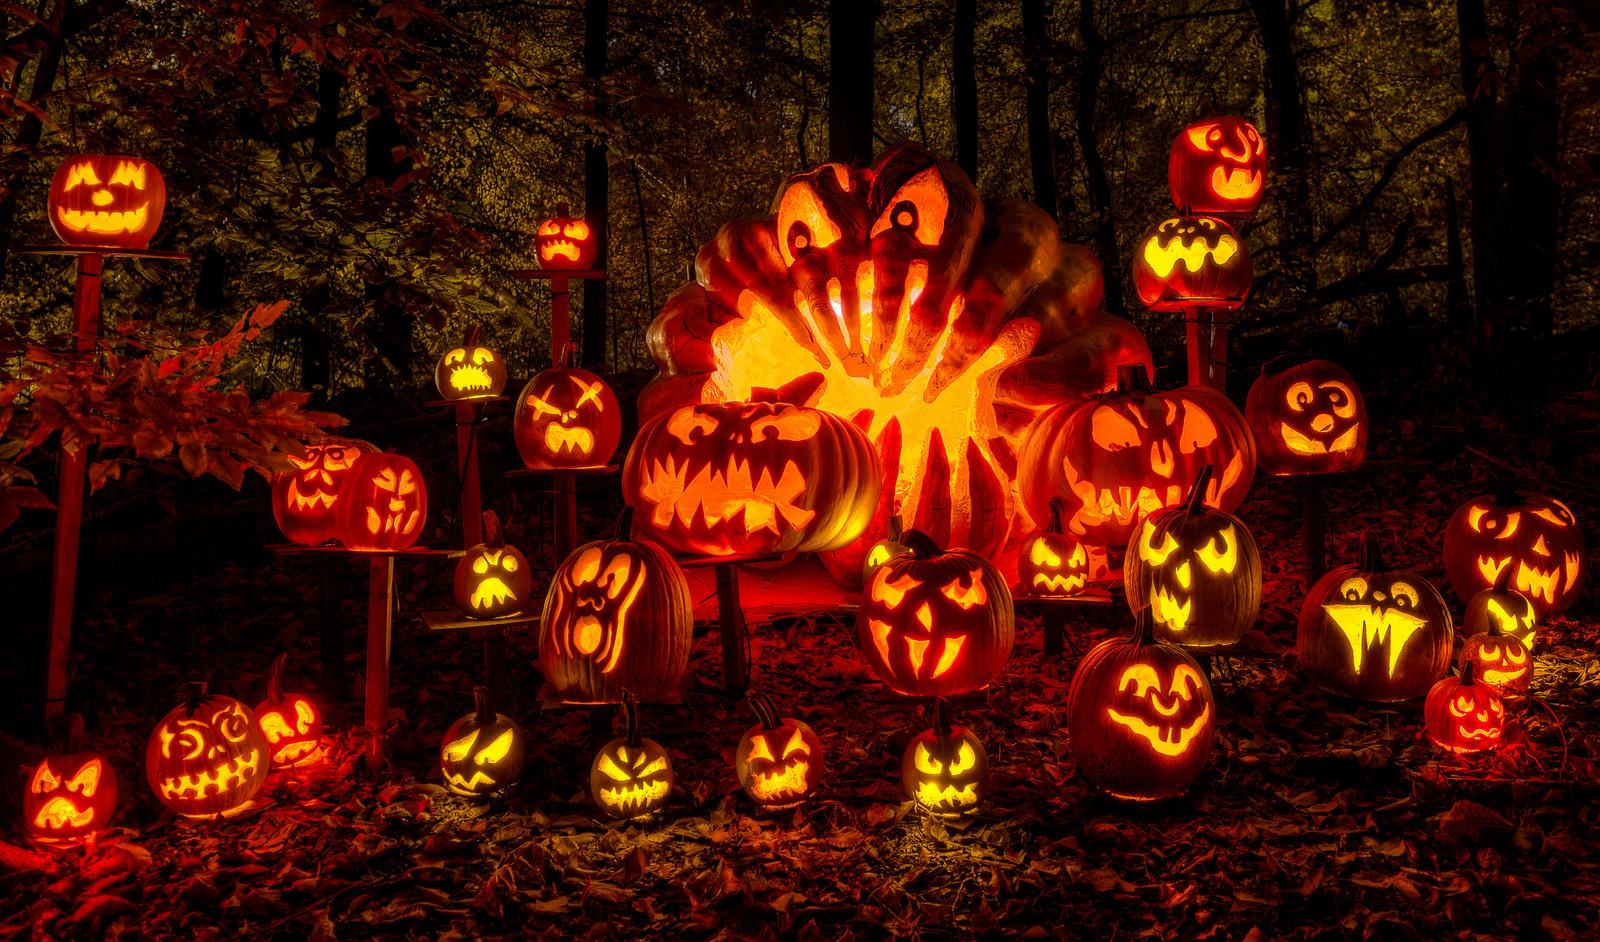 Halloween: Jack O'Lanterns Galore